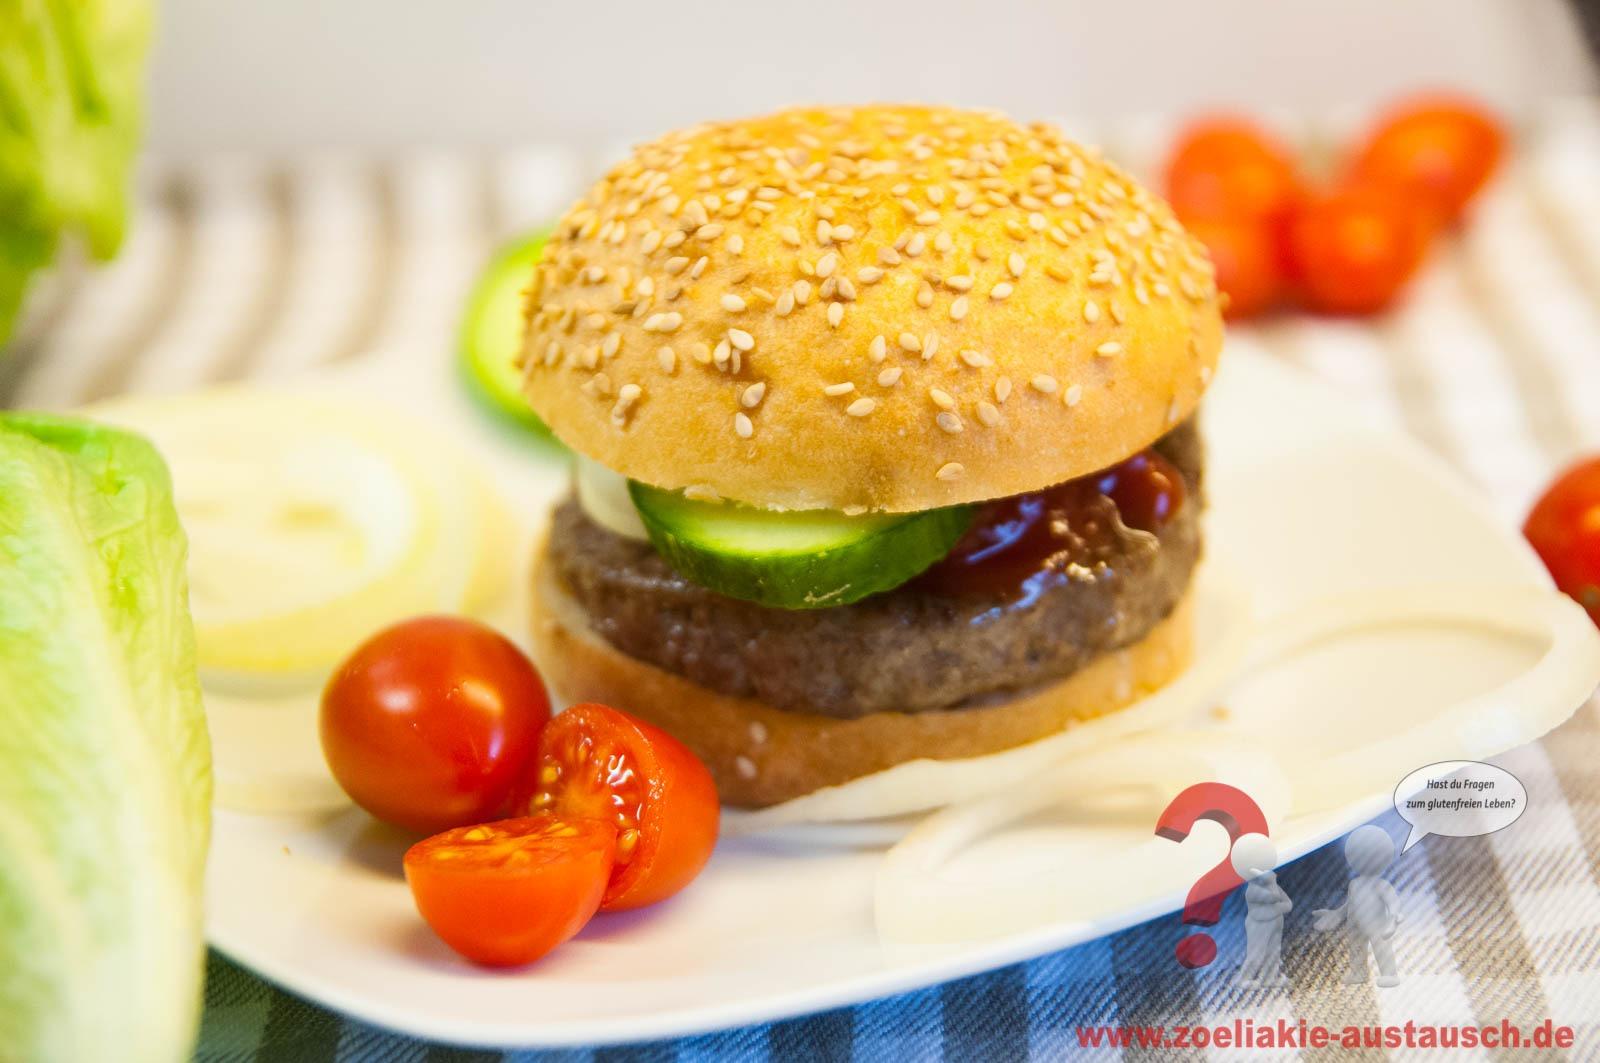 Zoeliakie-Austausch_Schnitzer_Burger_Broetchen_04